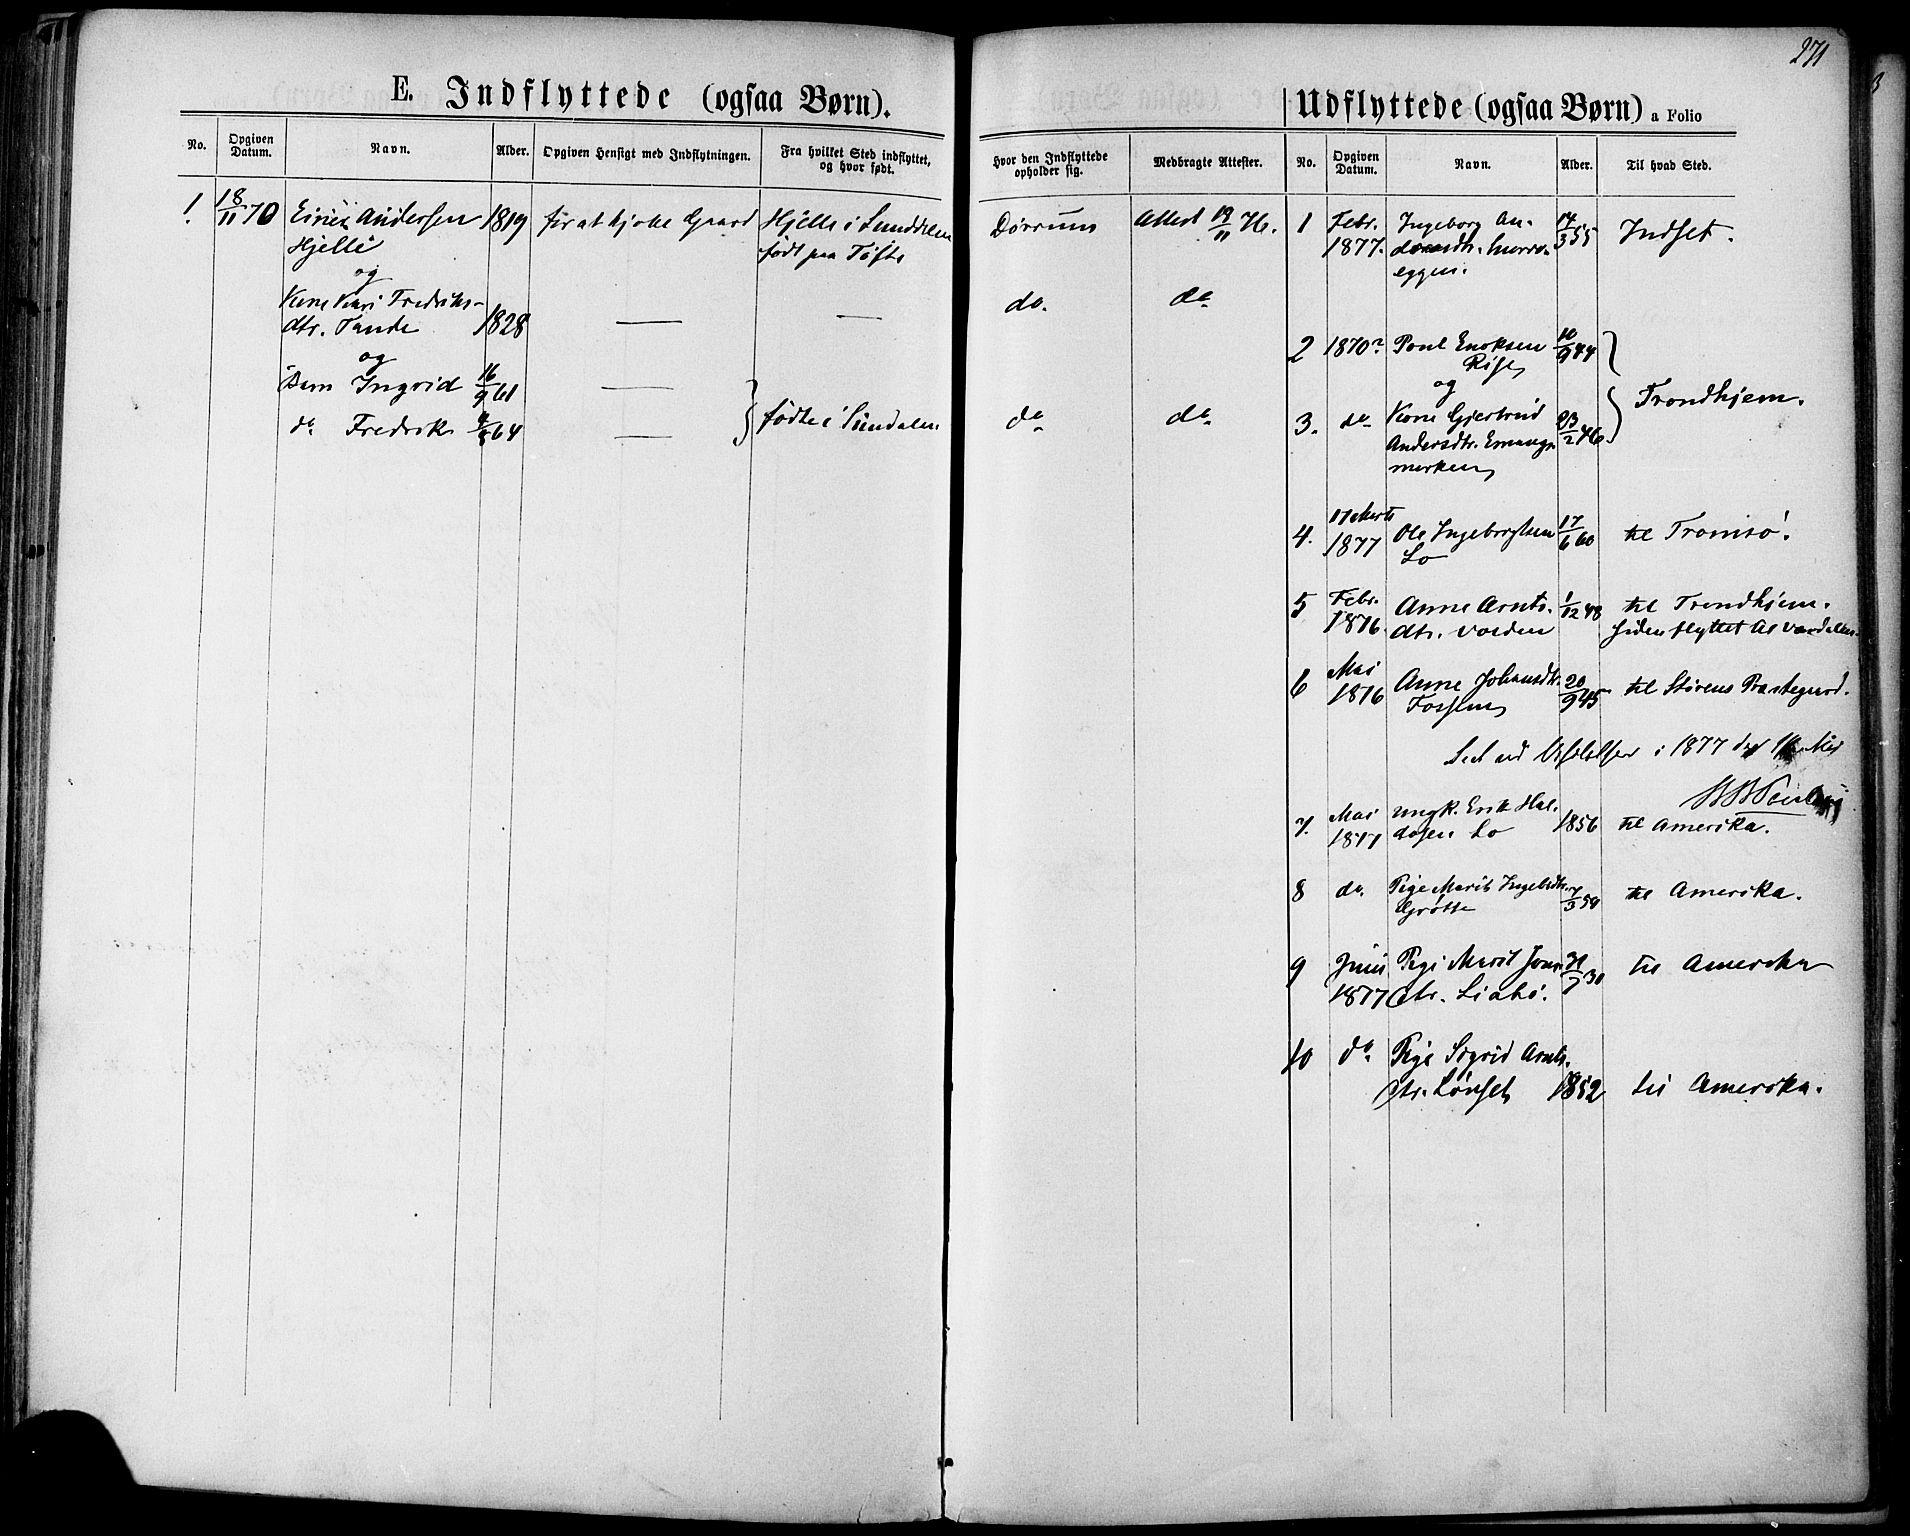 SAT, Ministerialprotokoller, klokkerbøker og fødselsregistre - Sør-Trøndelag, 678/L0900: Ministerialbok nr. 678A09, 1872-1881, s. 271